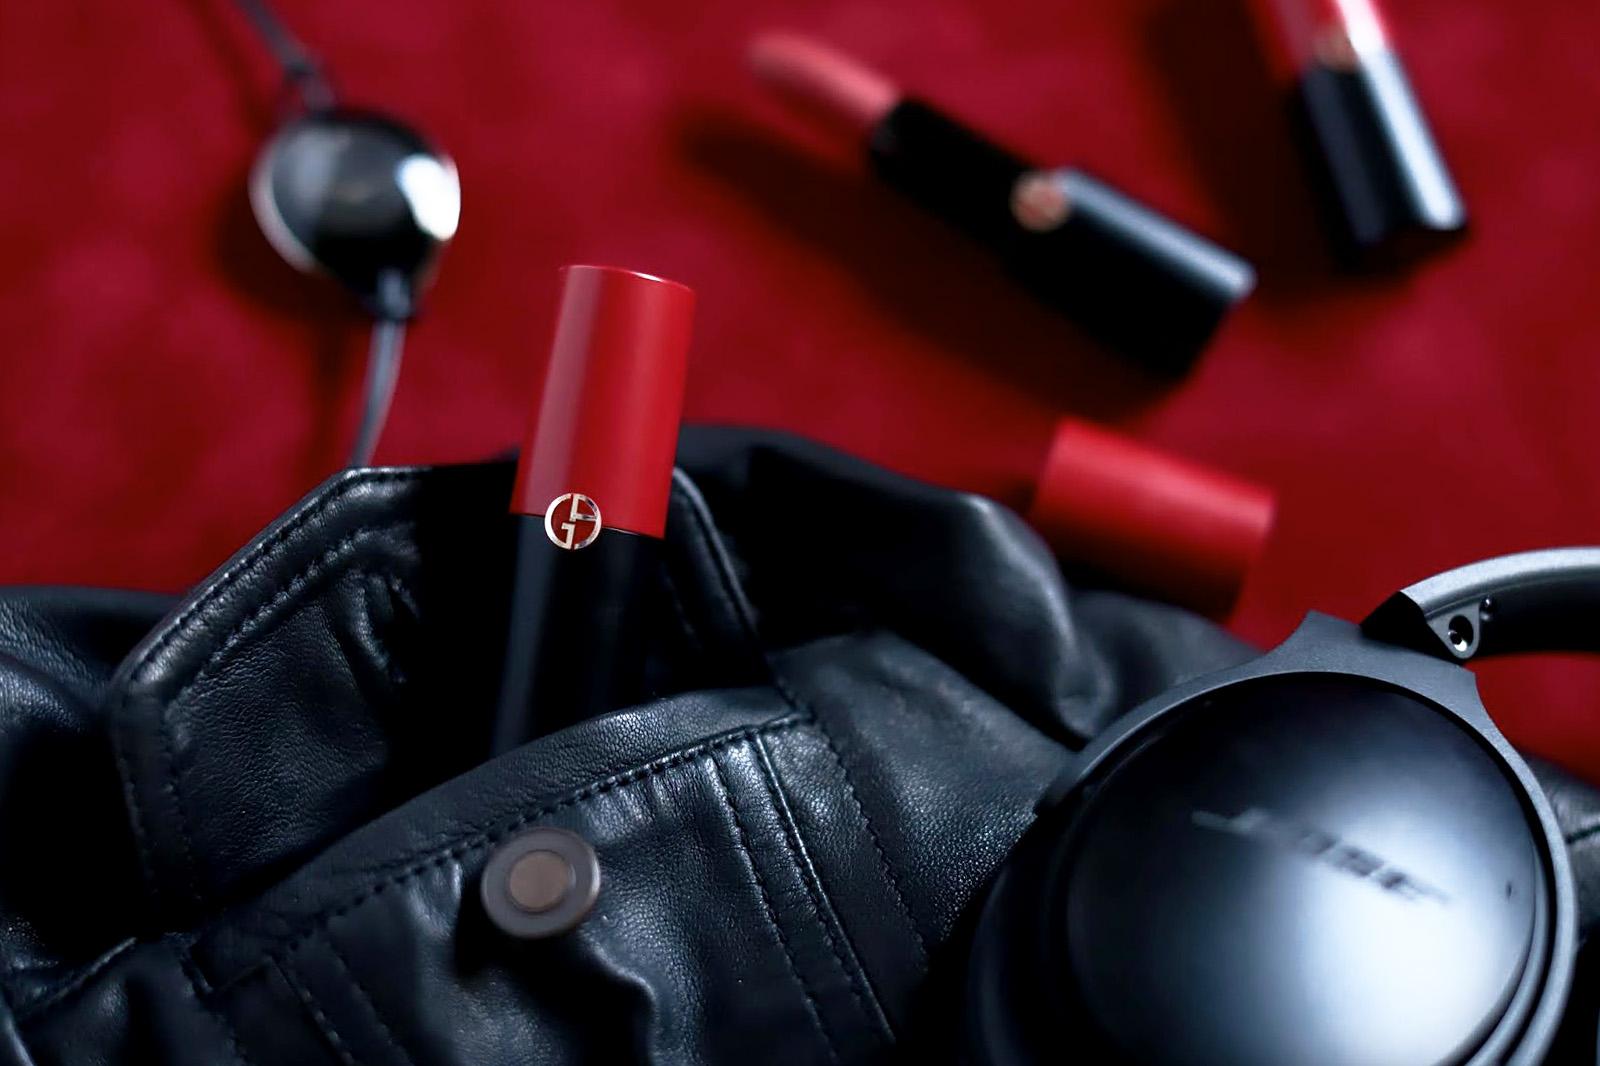 rouge d'armani matte avis test swatch swatches toutes les couleurs teintes